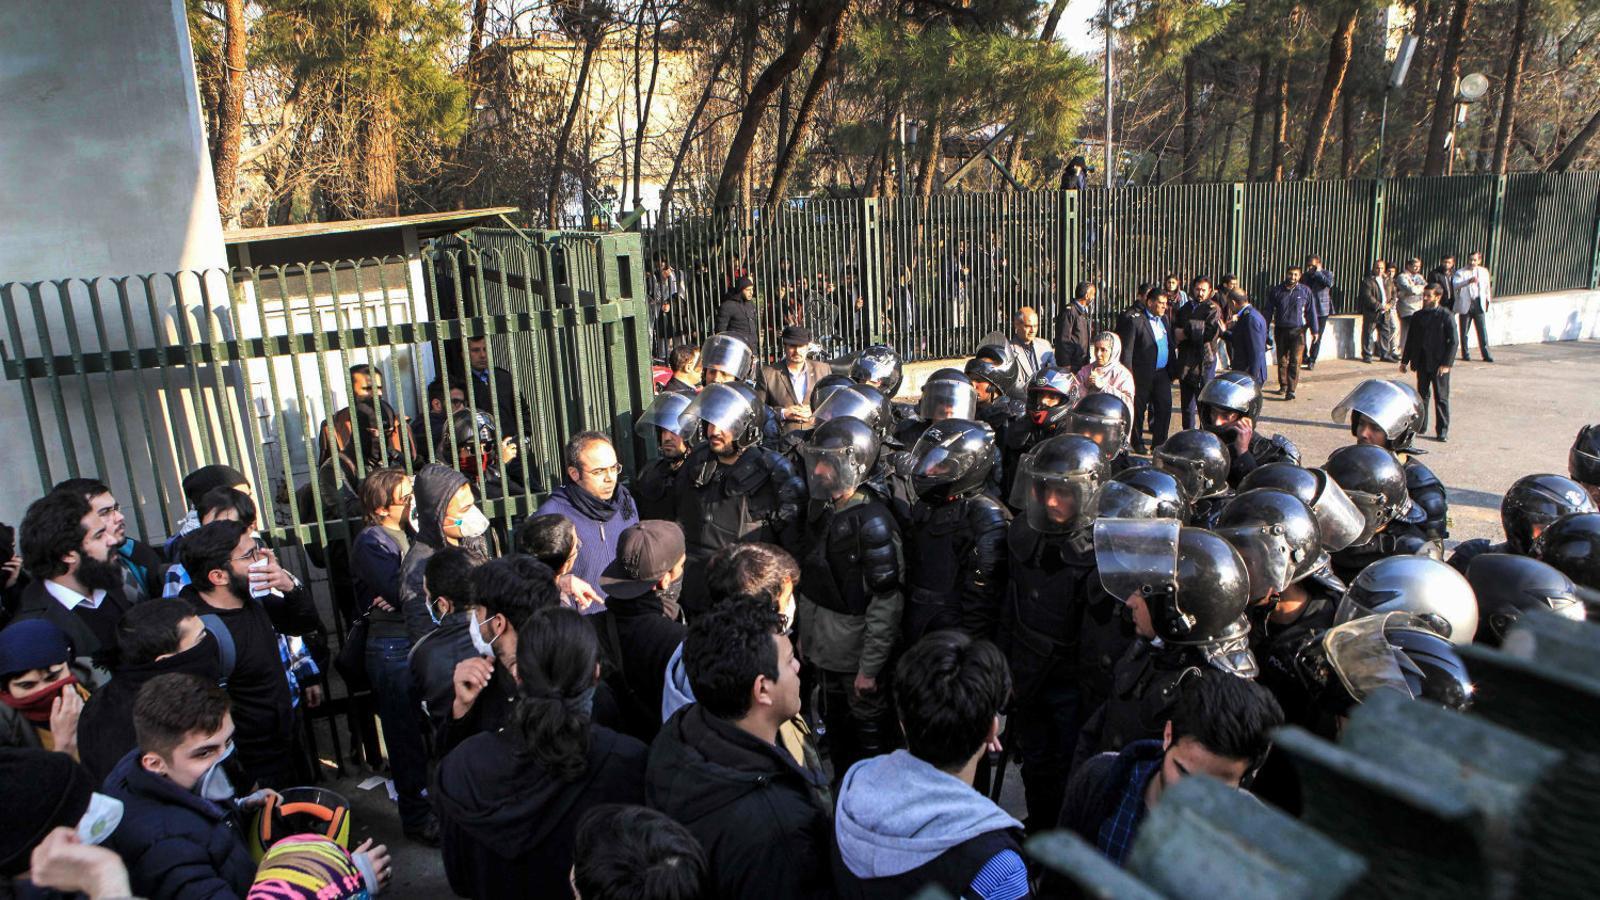 Imatges de la població de Dorud de manifestants portant, aparentment, el cos d'una persona ferida.